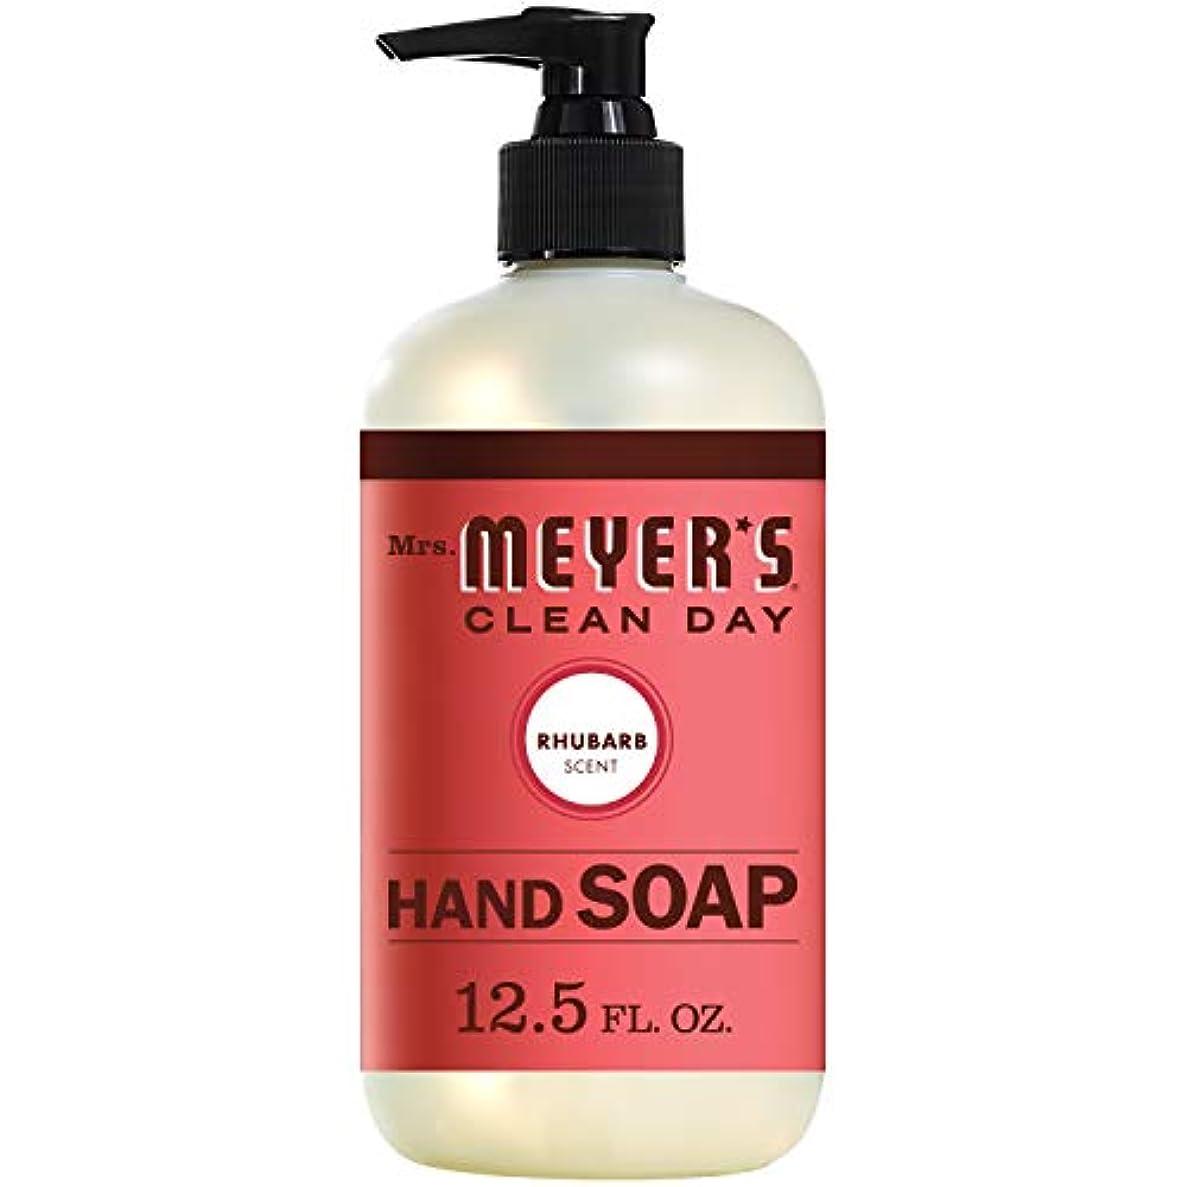 想像力豊かな年金受給者投げ捨てるMrs. Meyers Clean Day, Liquid Hand Soap, Rhubarb Scent, 12.5 fl oz (370 ml)